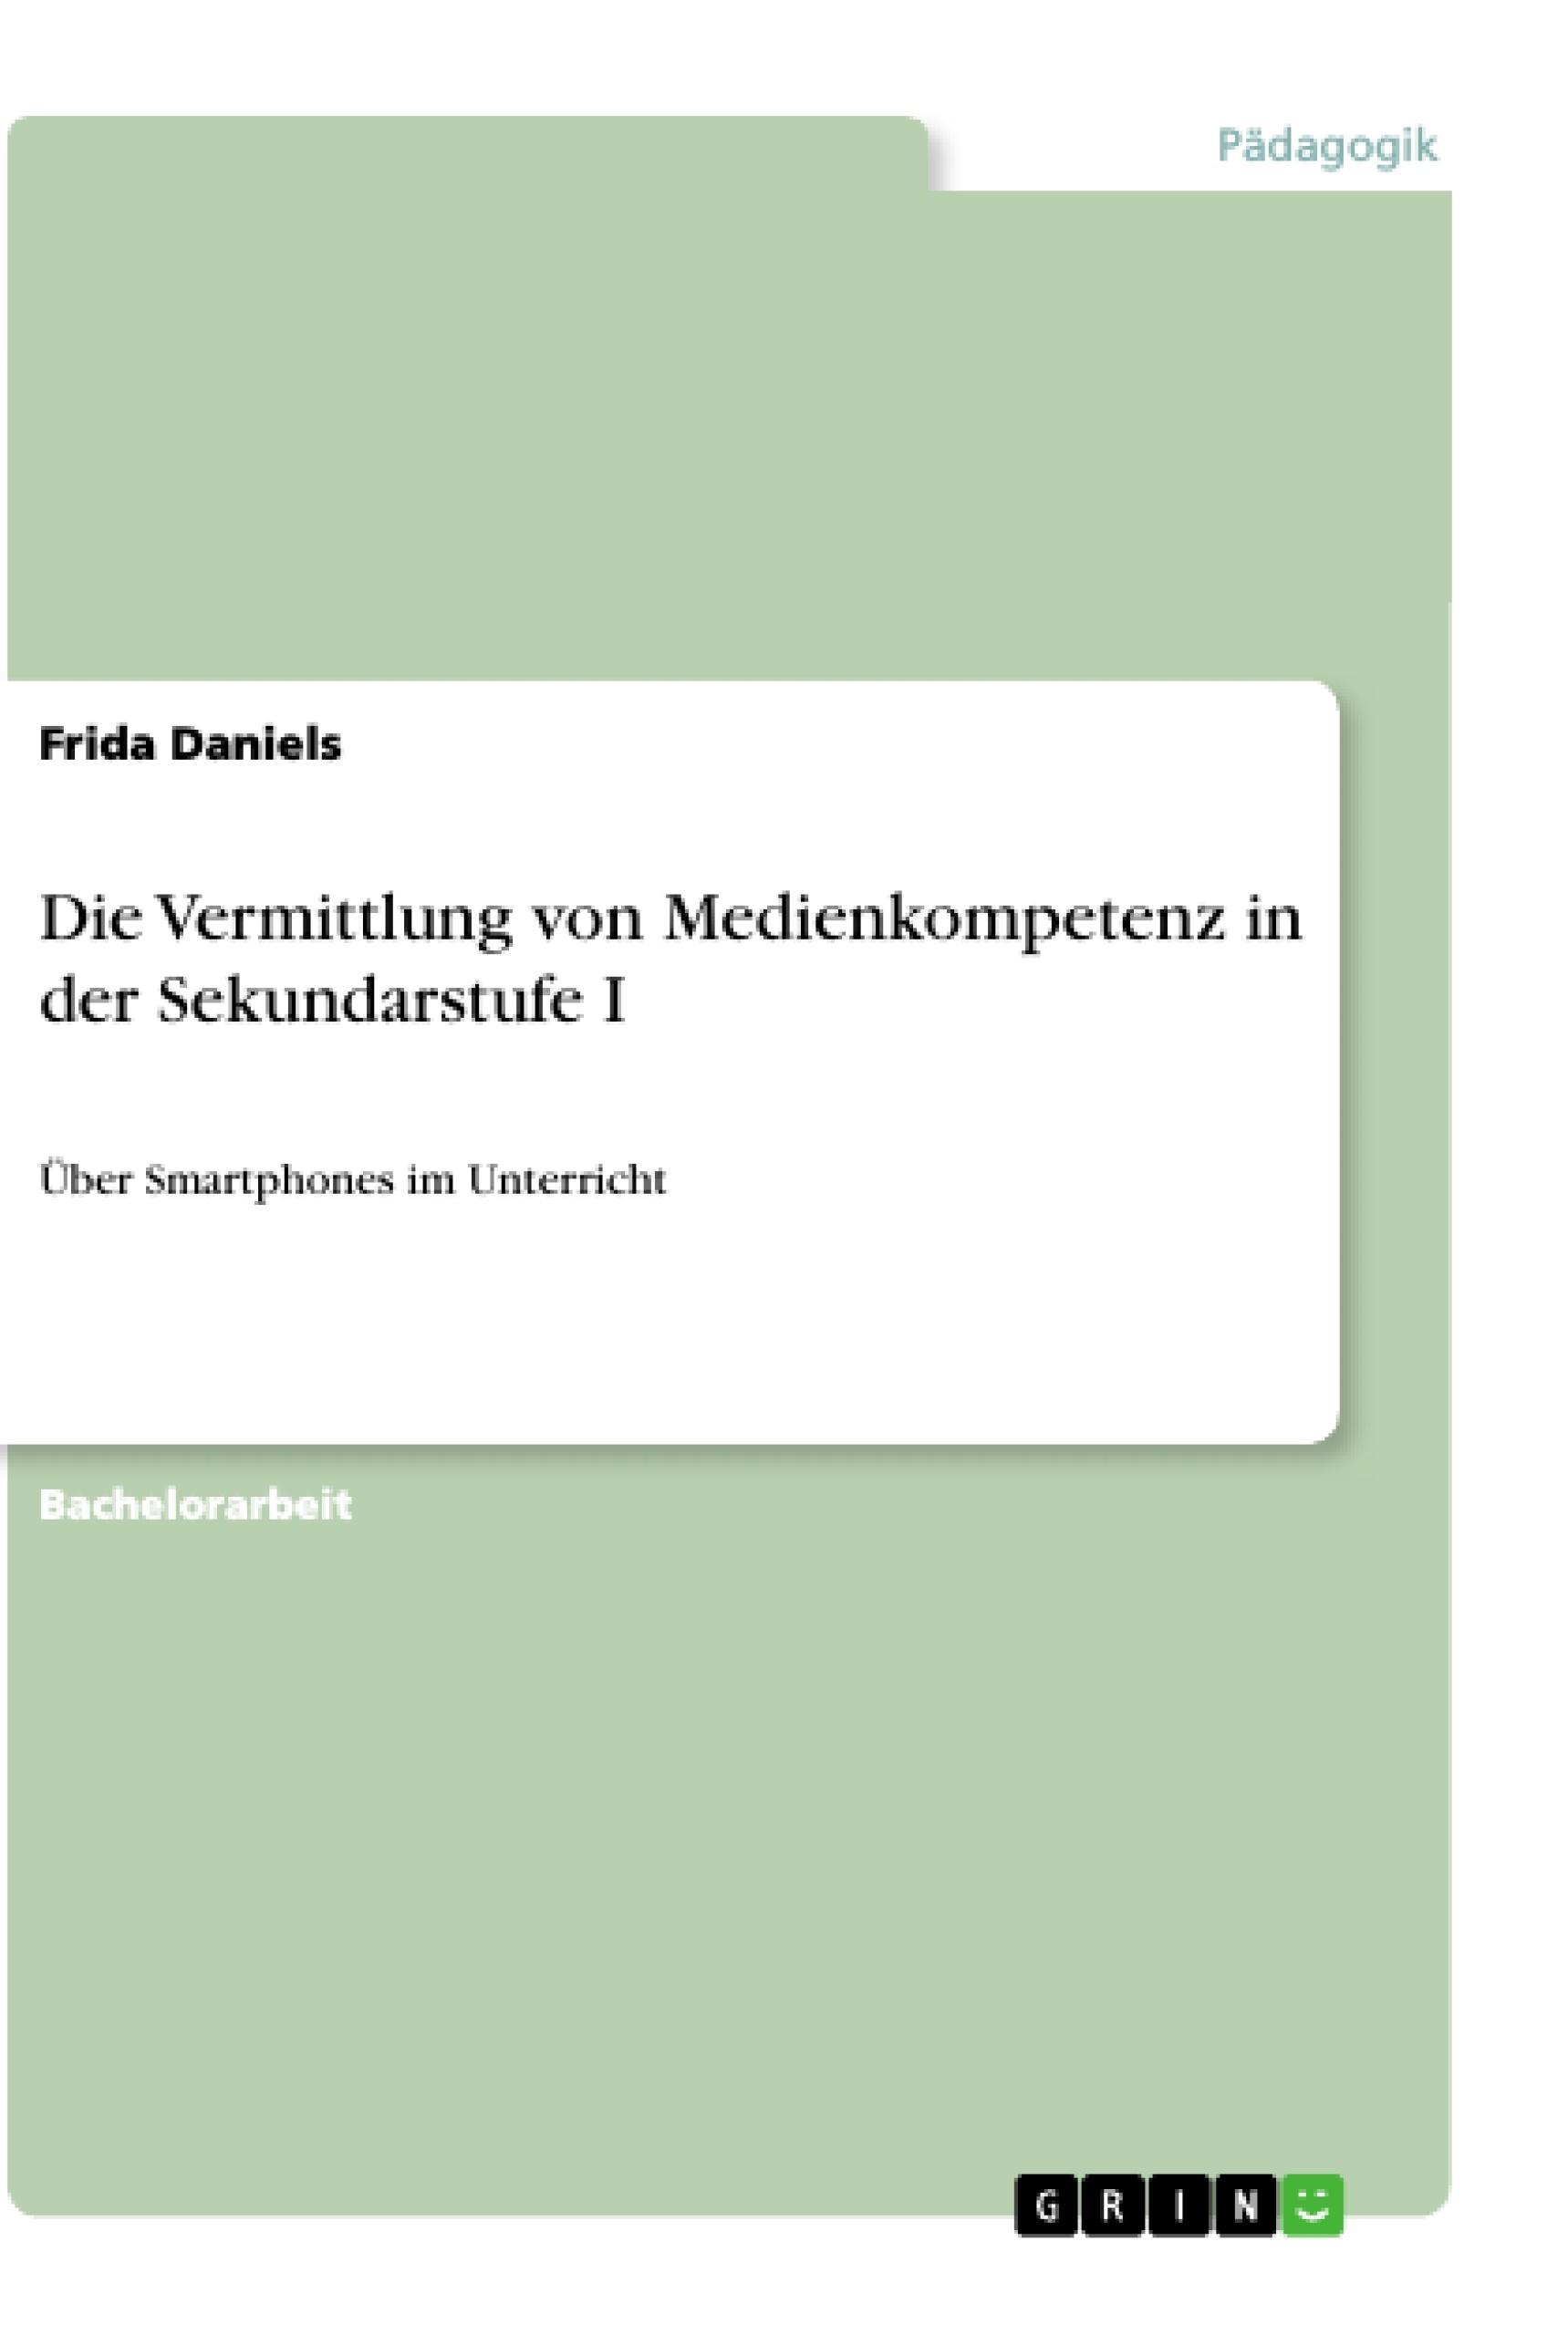 Titel: Die Vermittlung von Medienkompetenz in der Sekundarstufe I